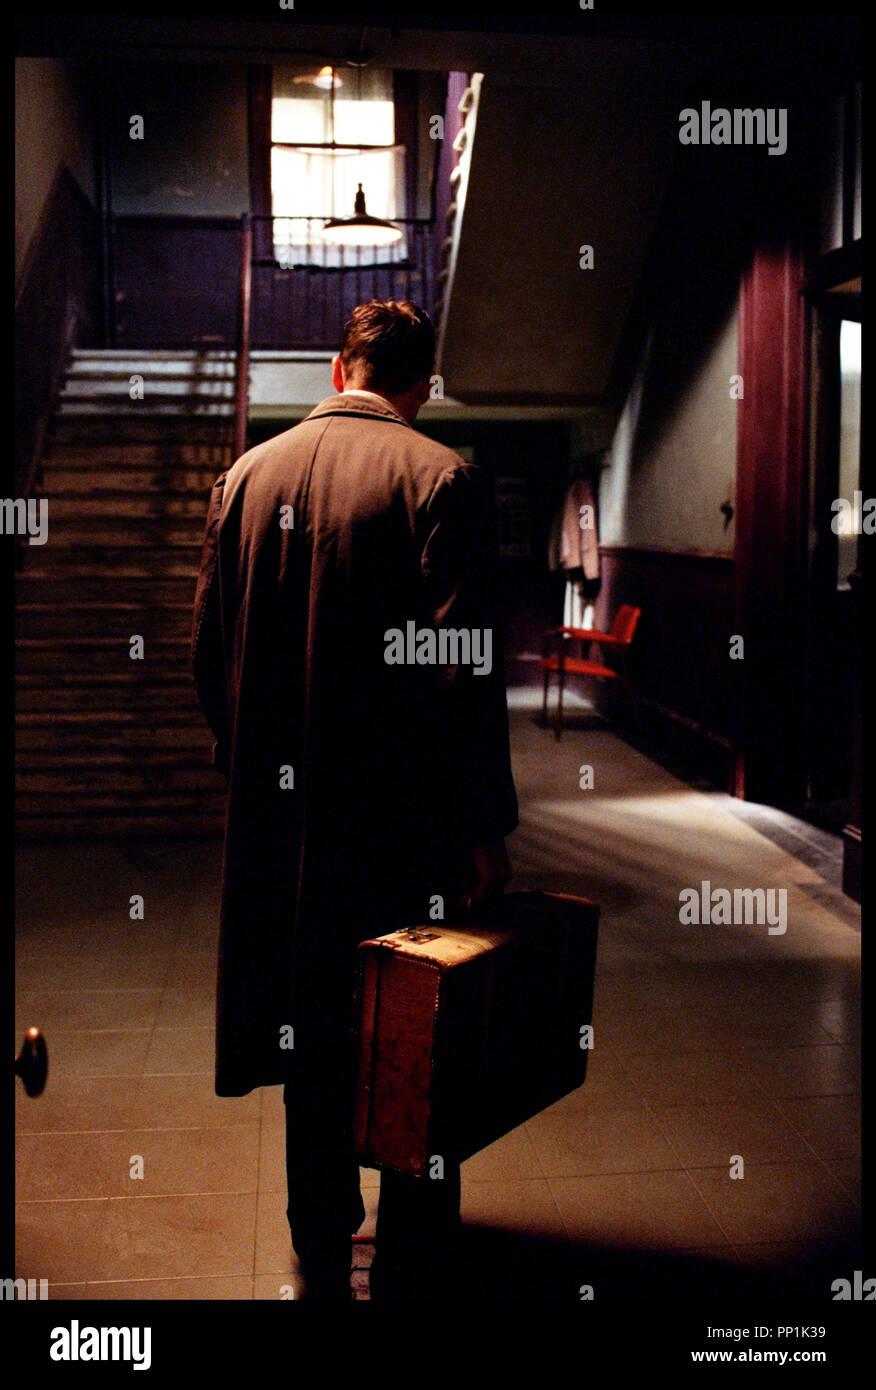 Prod DB © Grosvenor Park - CBL / DR SPIDER (SPIDER) de David Cronenberg 2002 USA avec Ralph Fiennes  valise d'apres le roman de Patrick McGrath - Stock Image